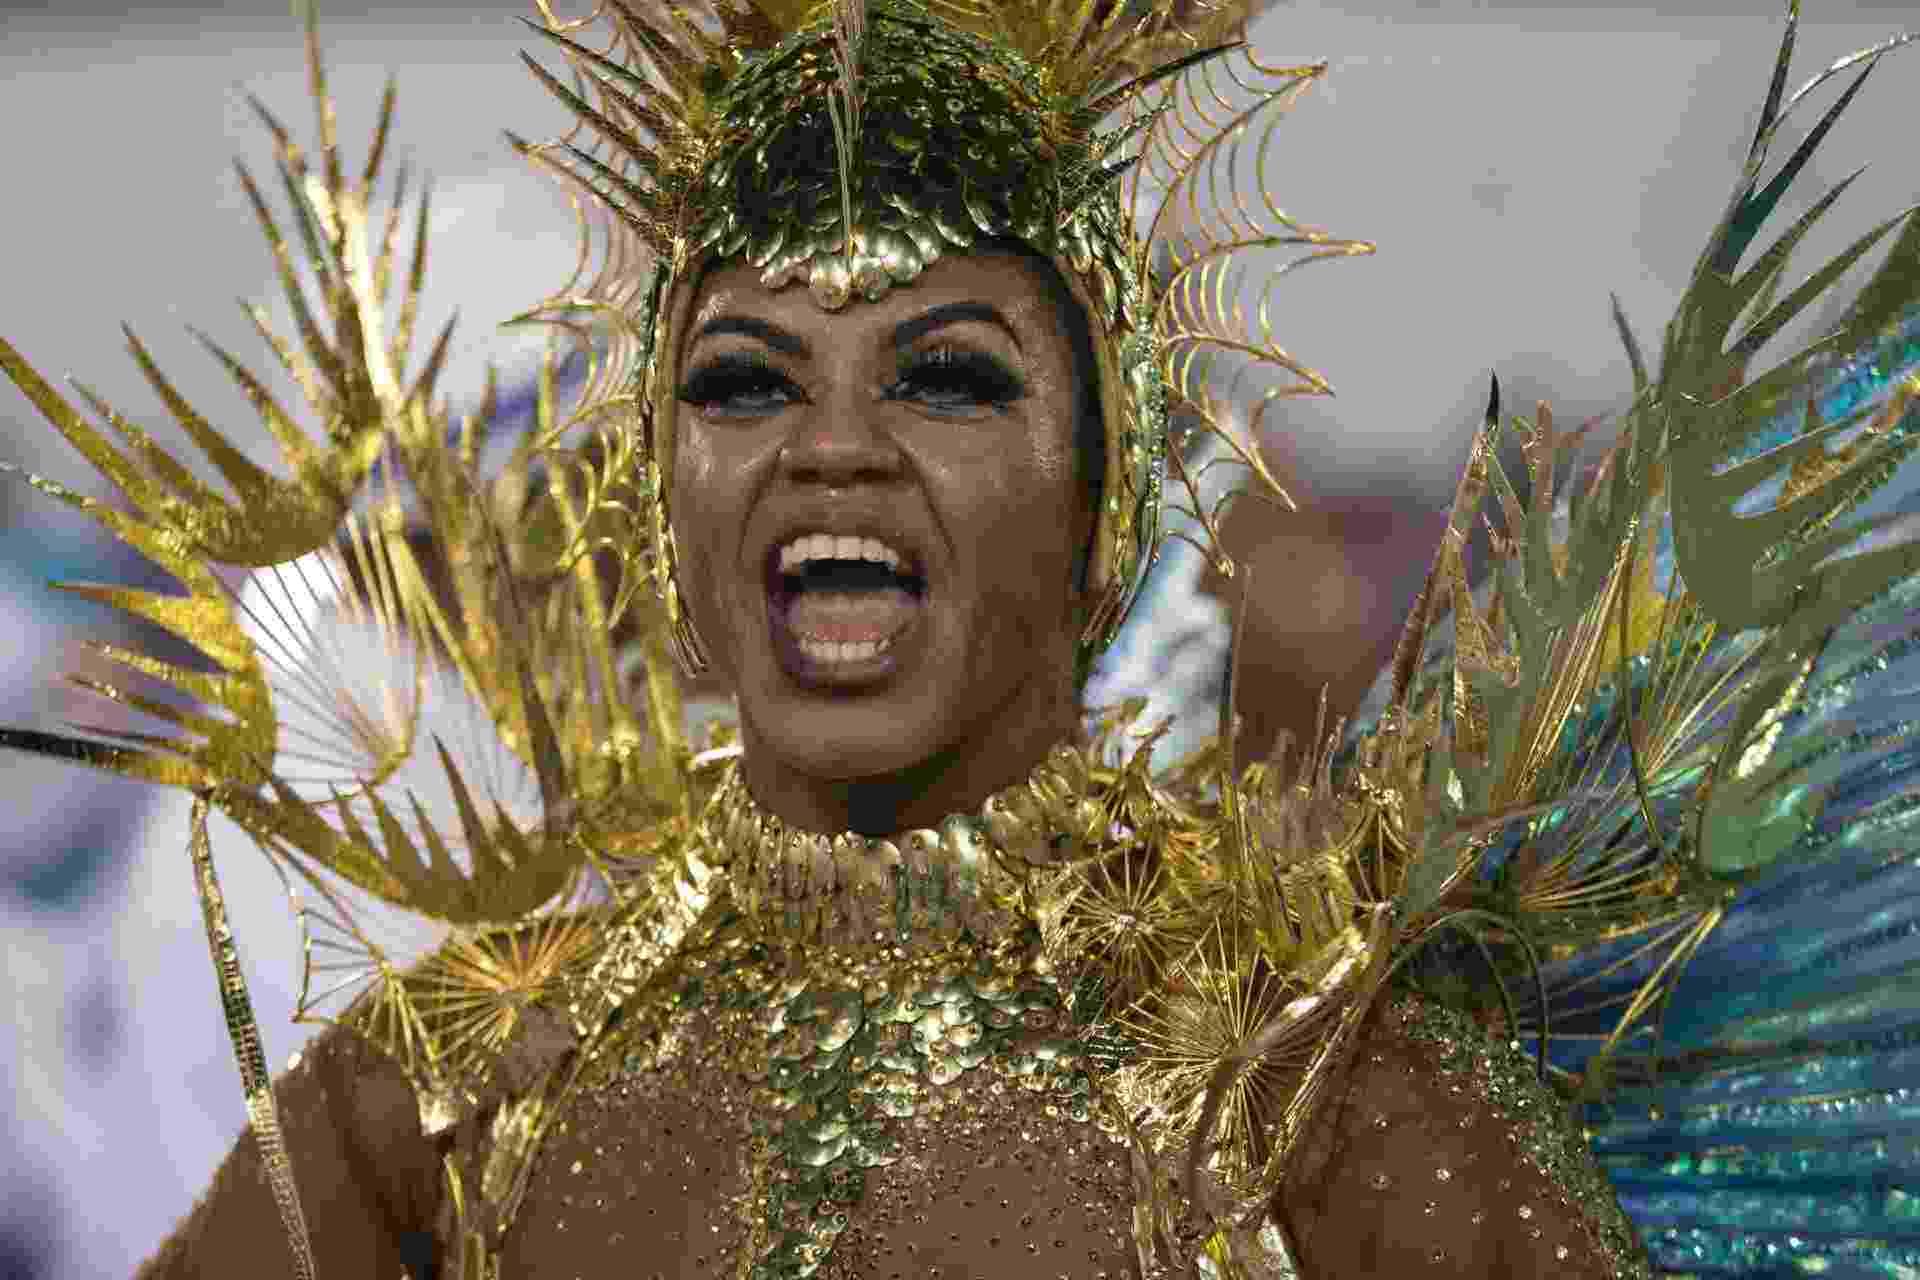 """27.fev.2017 - Maior campeã do Carnaval carioca, com 21 campeonatos, a Portela tenta em 2017 sair de um jejum que já dura desde 1984. O enredo é """"Quem Nunca Sentiu o Corpo Arrepiar ao Ver esse Rio Passar"""" - Bruna Prado/UOL"""